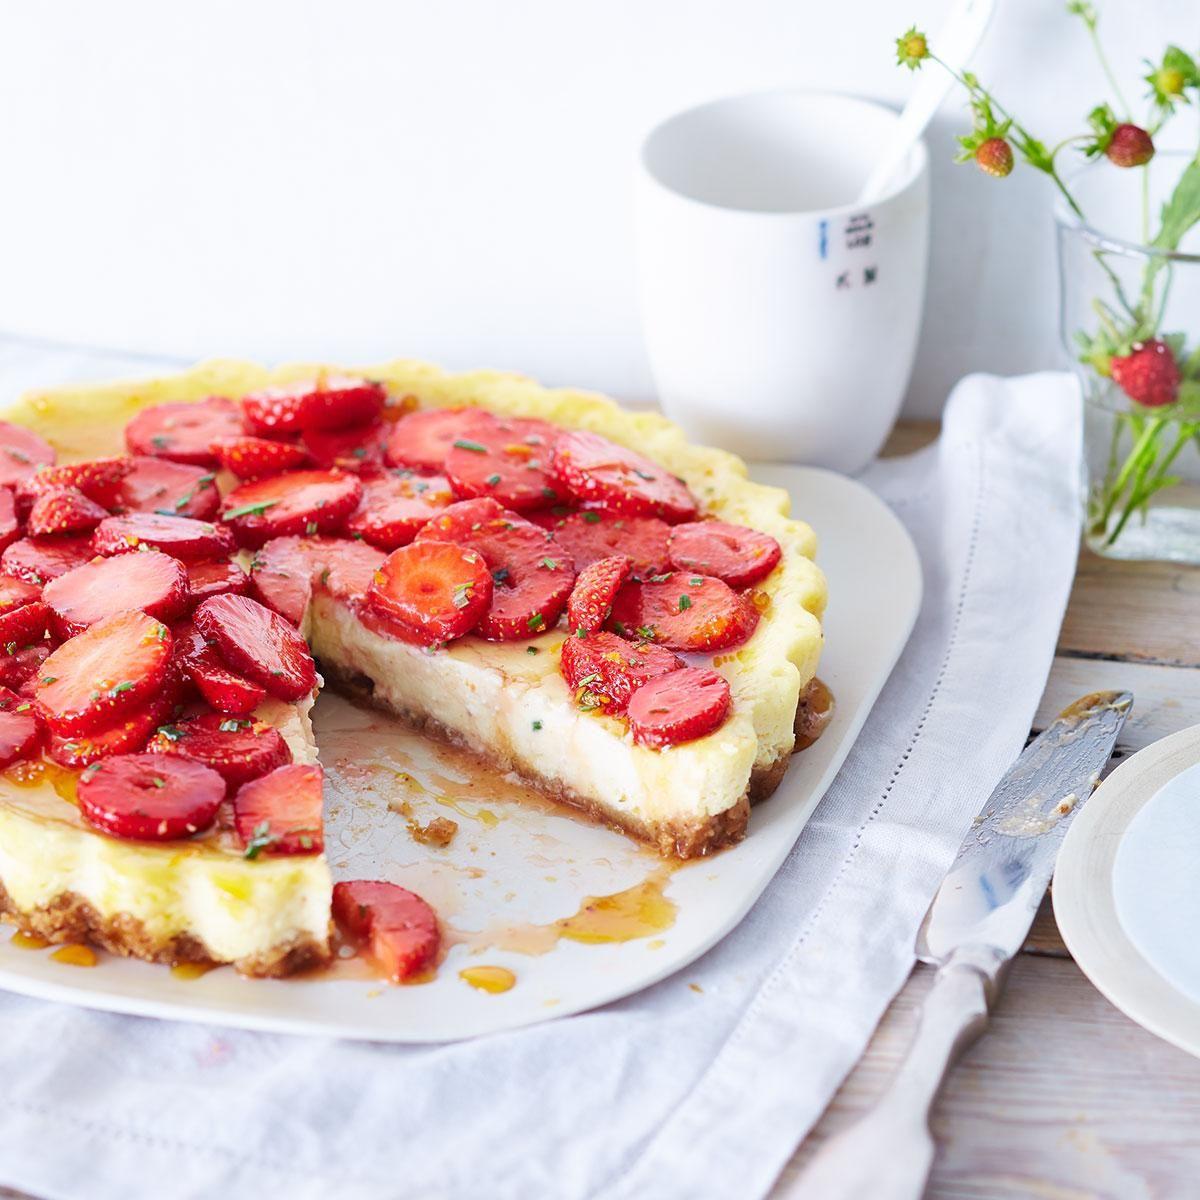 Ricotta Cheesecake Mit Rosmarin Erdbeeren Rezept Rezepte Erdbeerkuchen Und Lecker